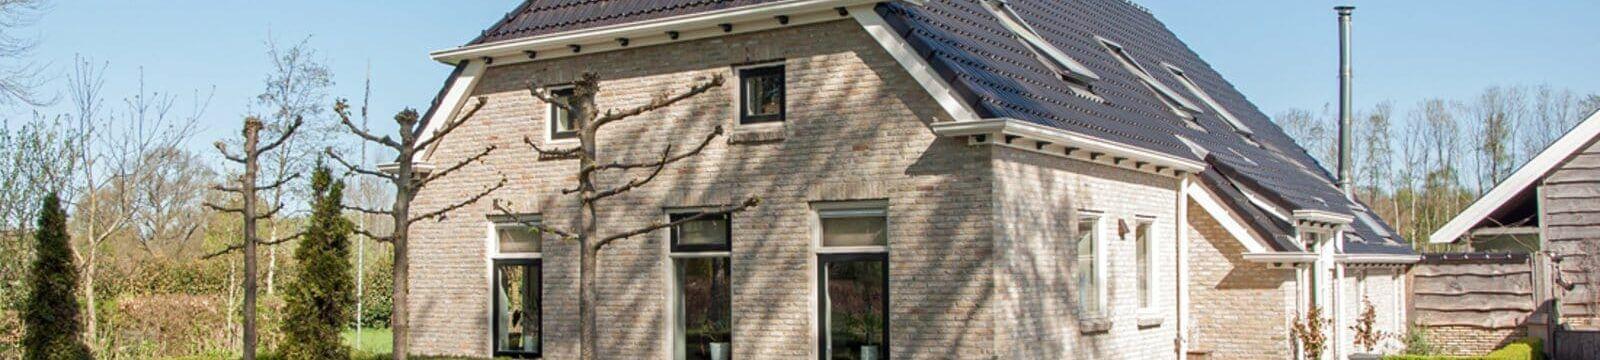 Aankoop Haule Friesland Mijn Buitenplaats